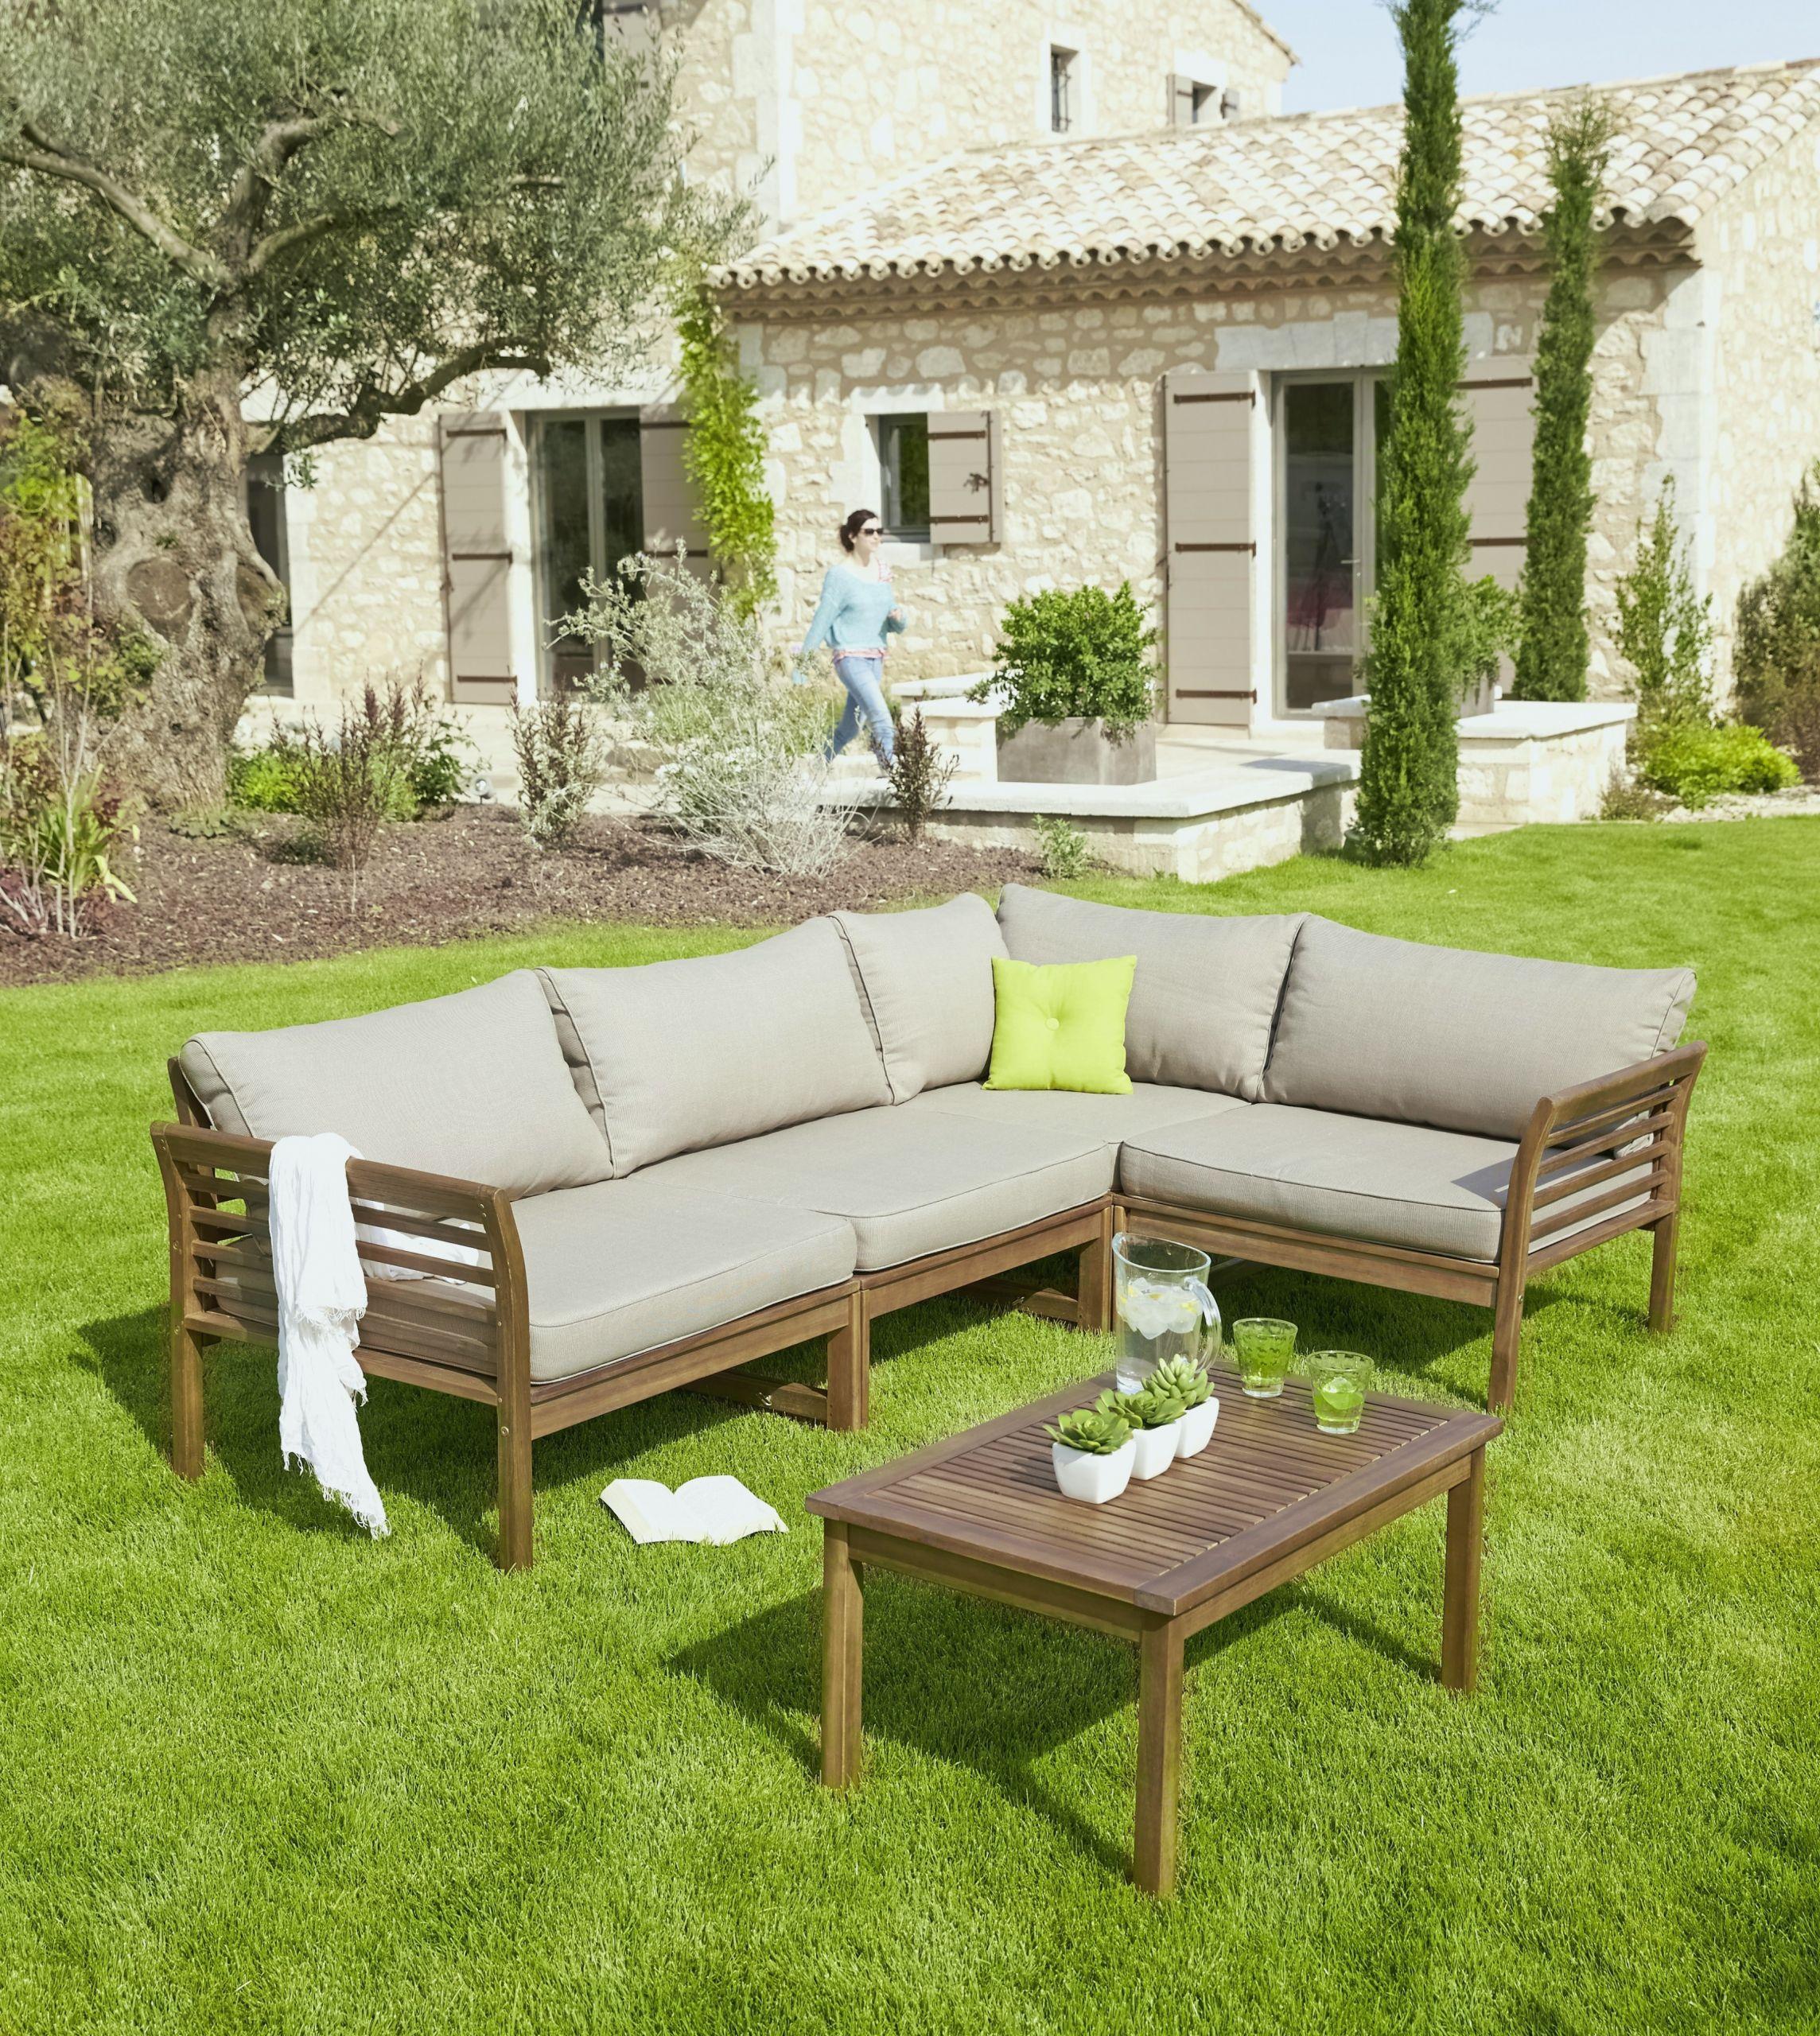 table en bois jardin luxe beautiful diy salon de jardin palette s de flores para jardin 1